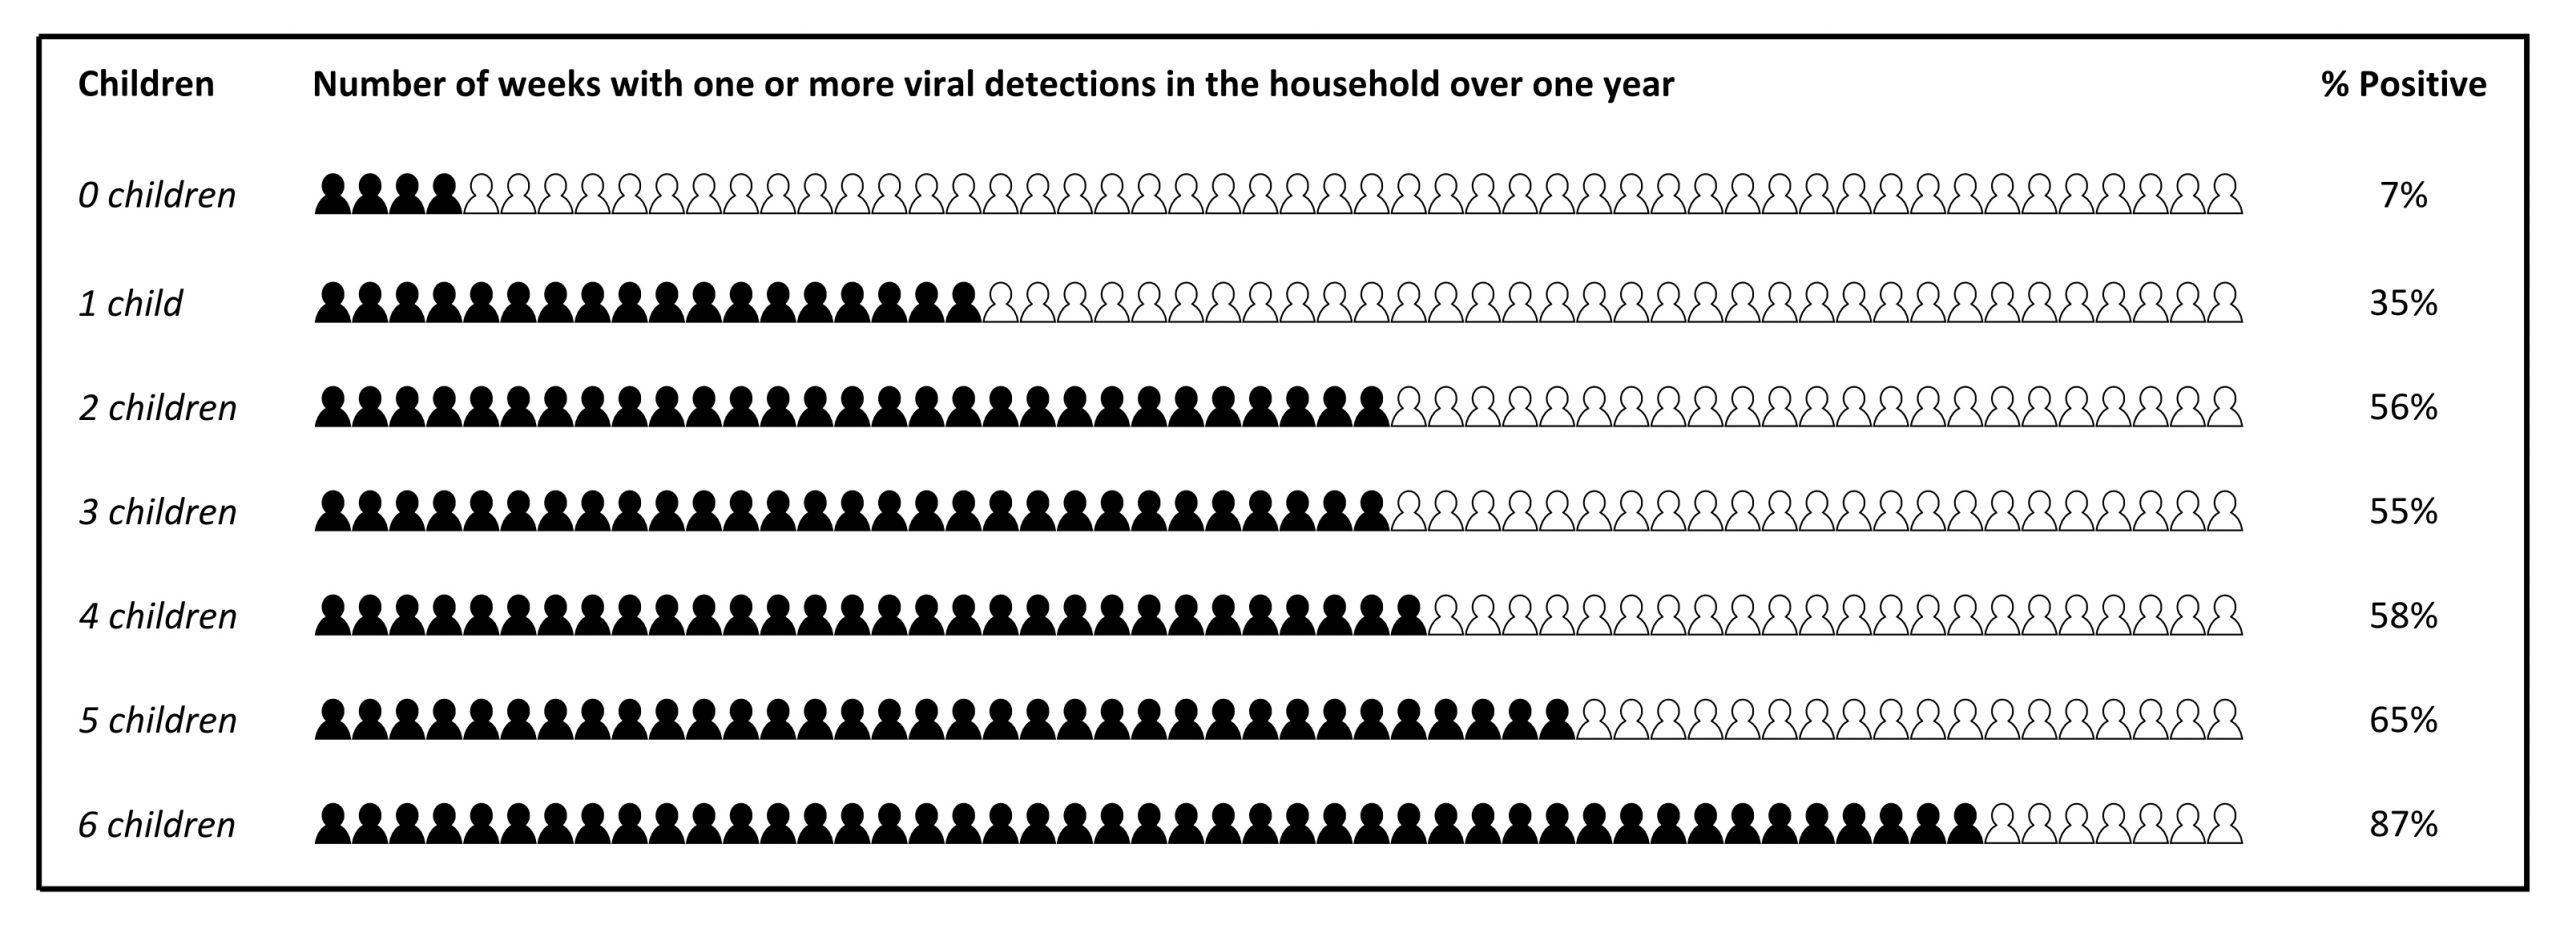 Children per household